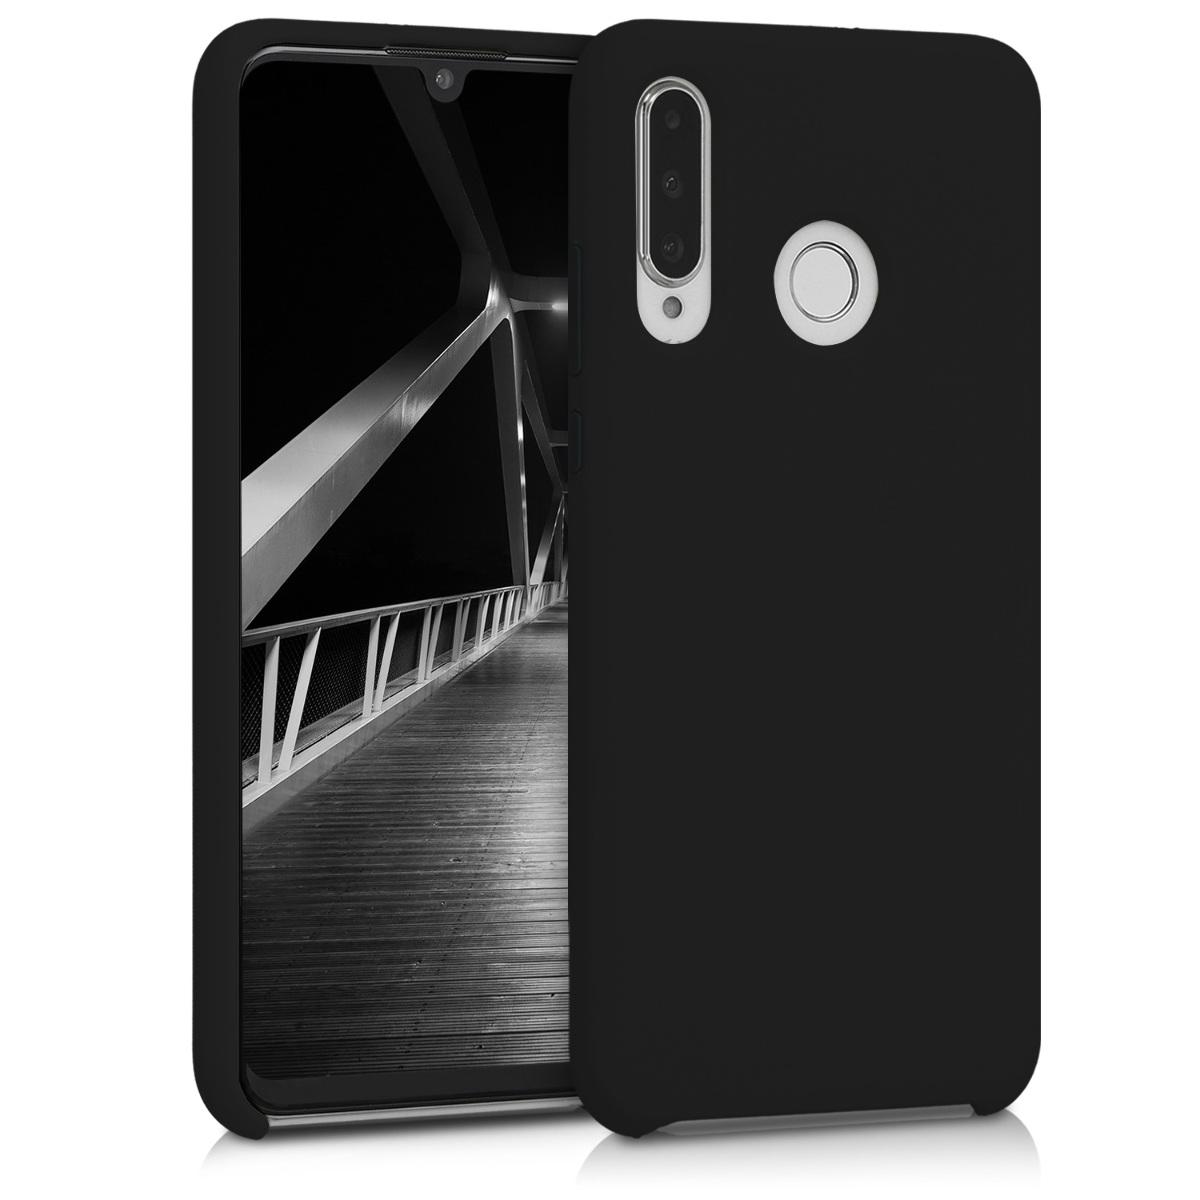 KW Θήκη Σιλικόνης Huawei P30 Lite - Soft Flexible Rubber - Black Matte (47510.47)